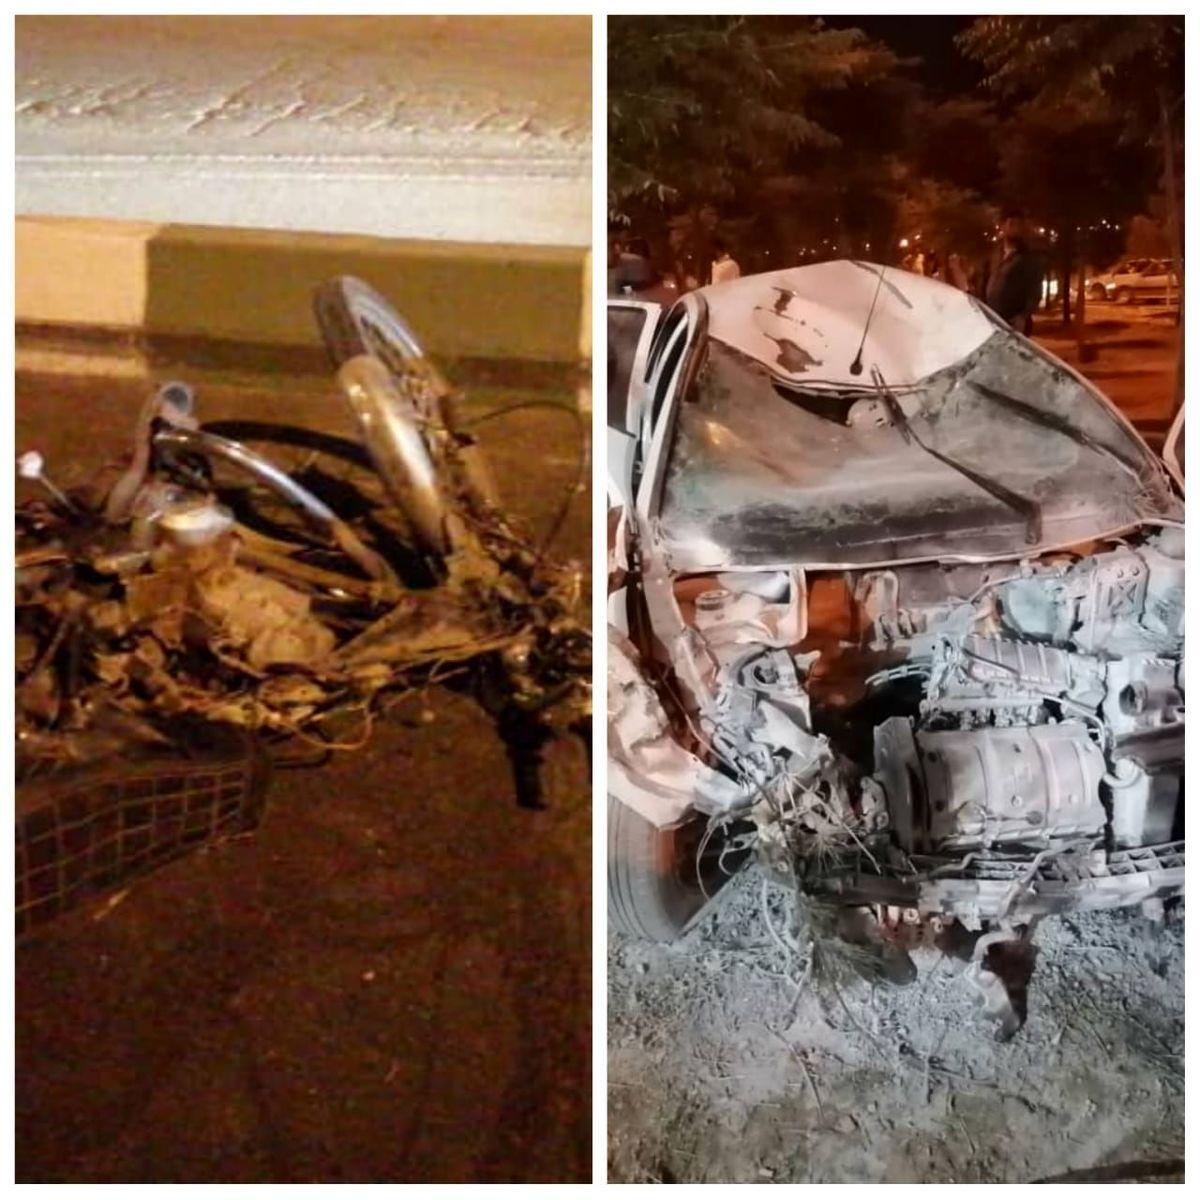 فوت 5 نفر درپی تصادف خودرو 206 با موتورسیکلت